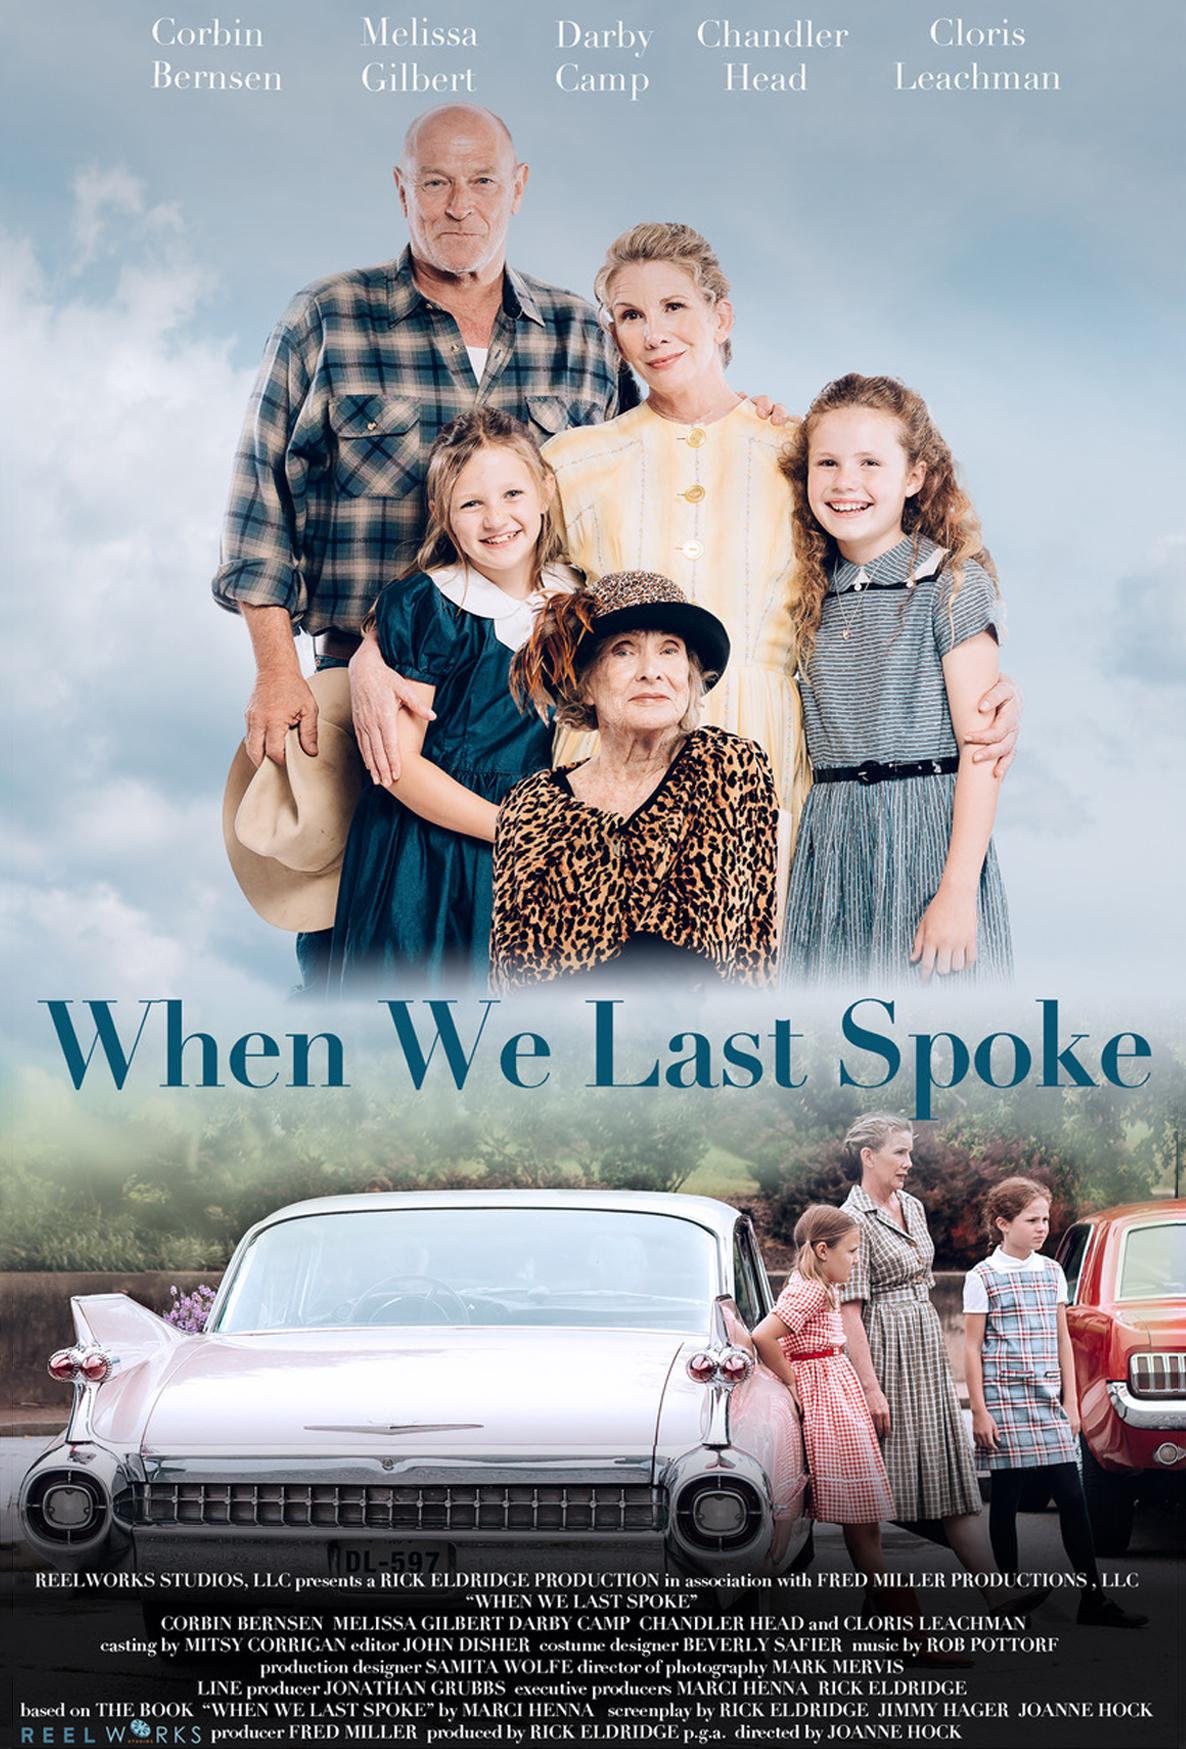 Joanne Hock, Joanne Hock Films, Director, When We Last Spoke, Cloris Leachman, Corbin Bernsen, Melissa Gilbert, Marci Henna